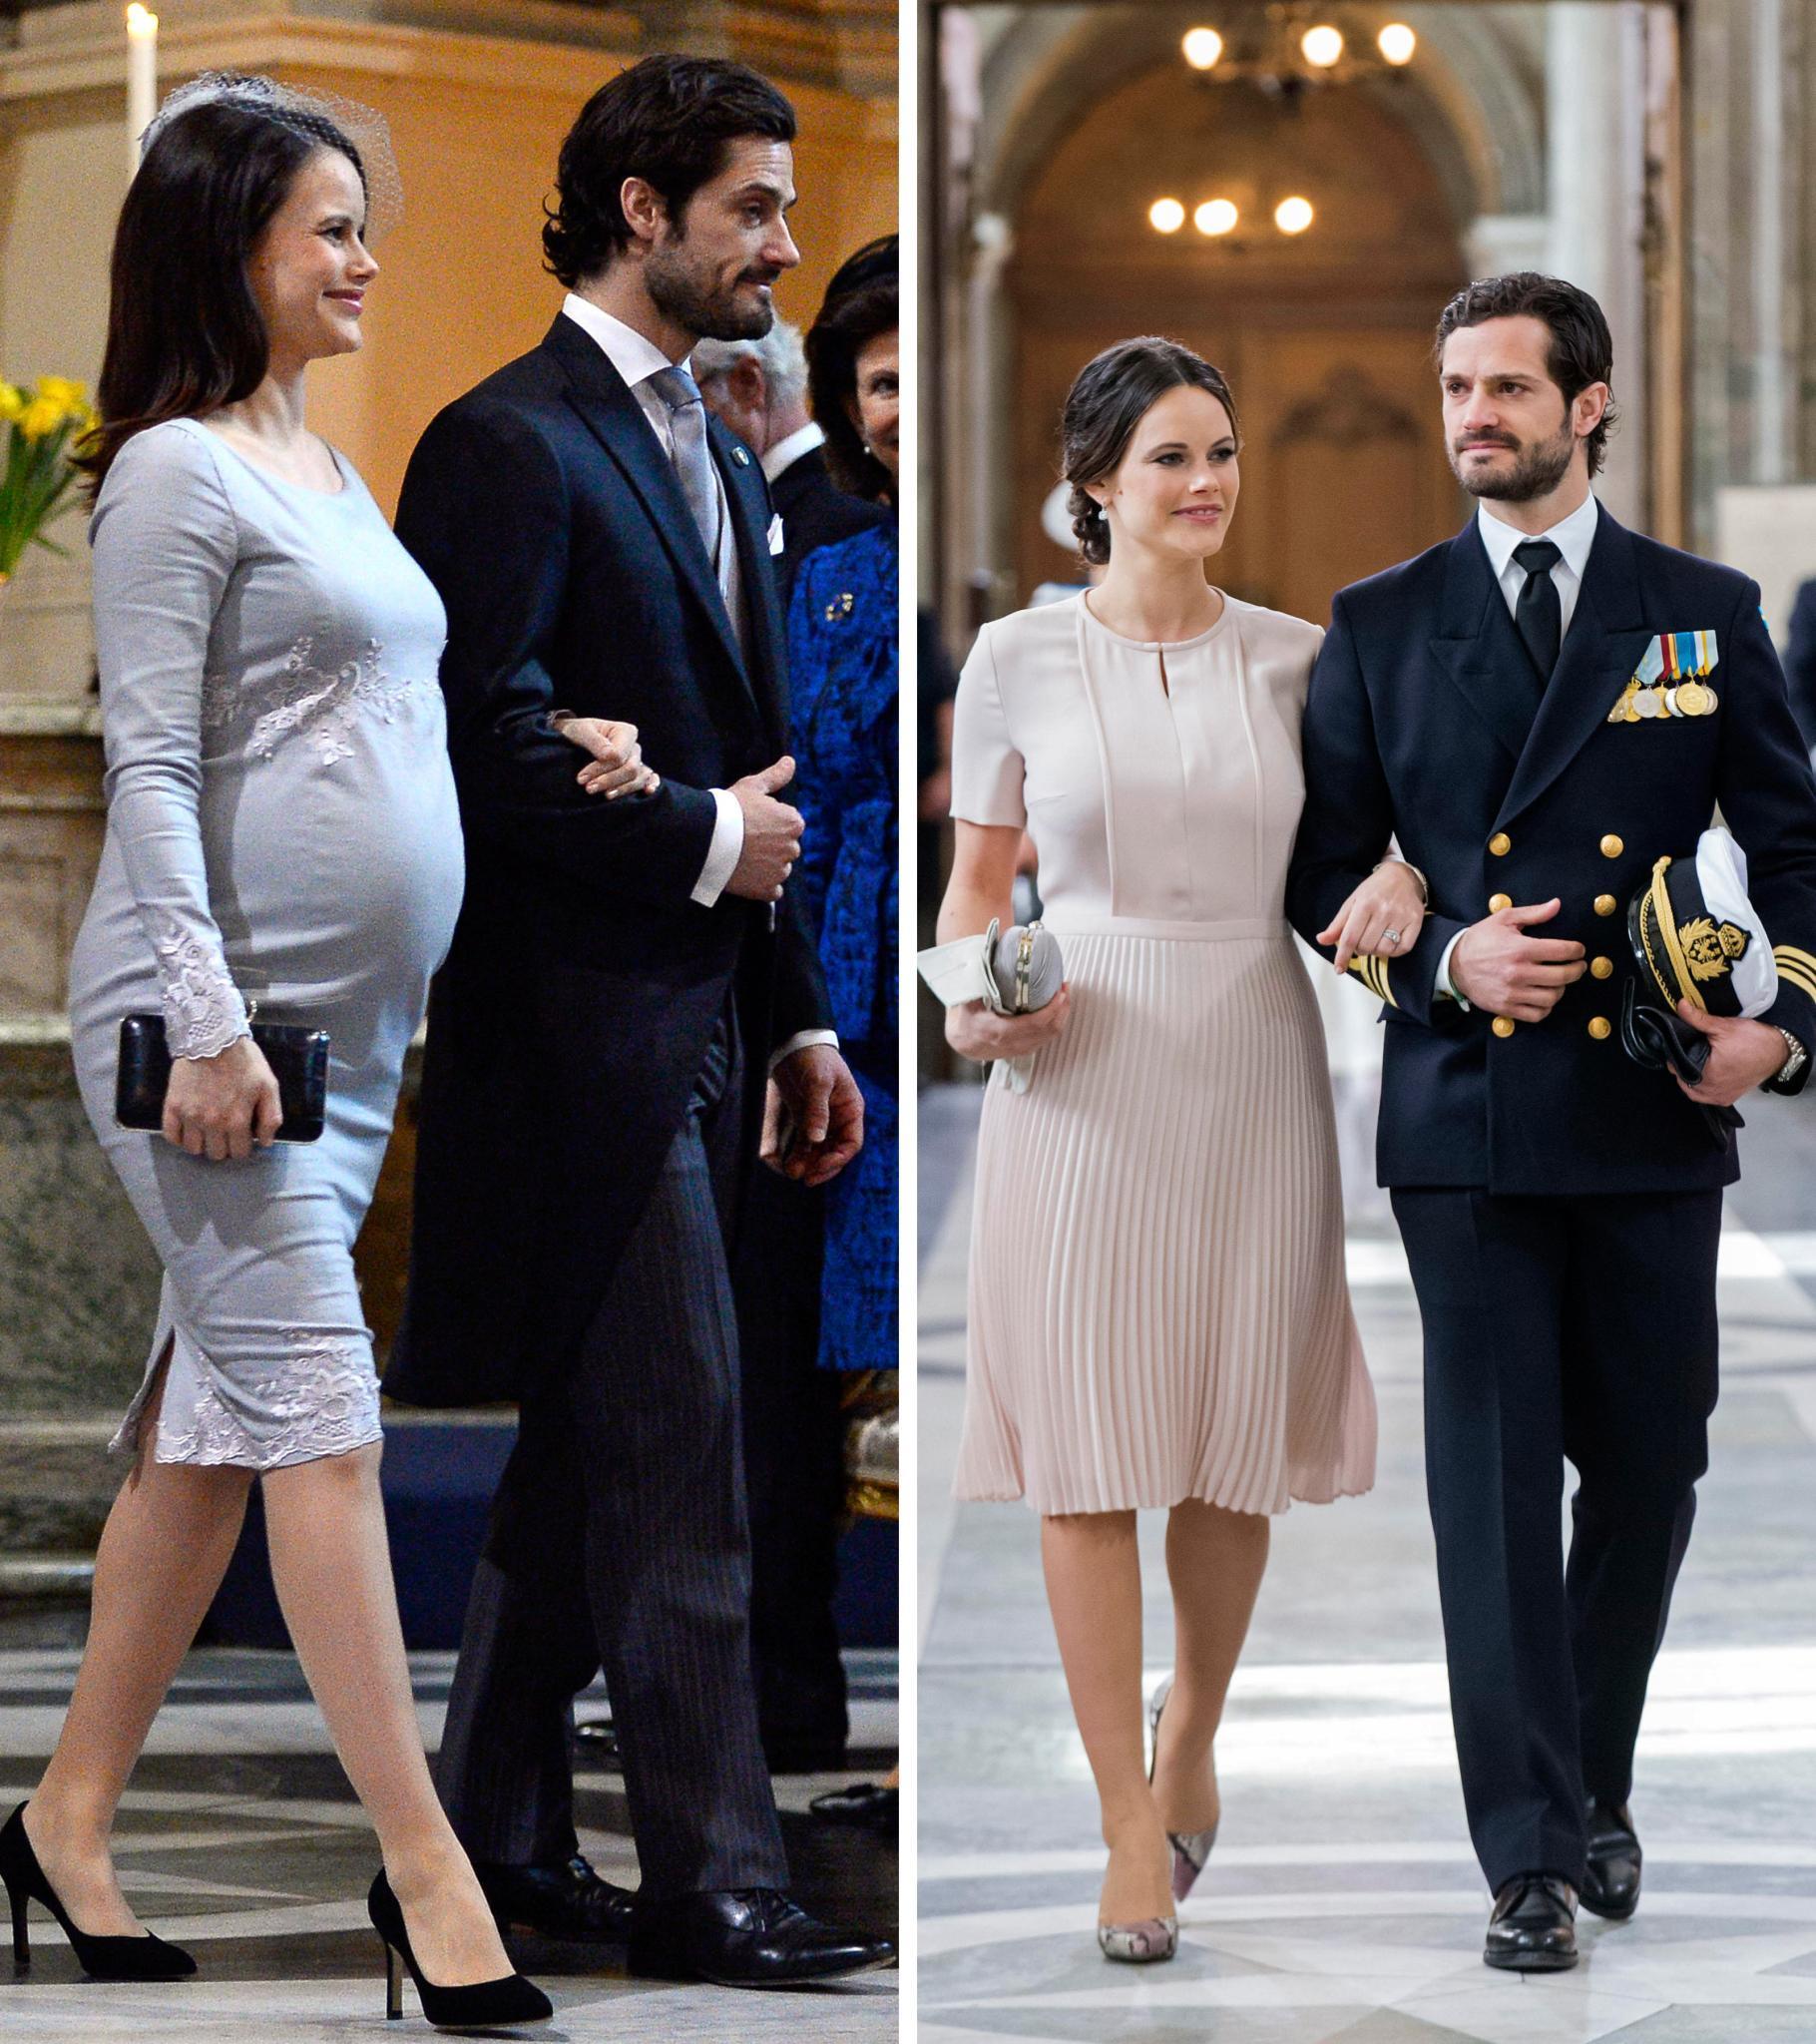 Am 3. März zeigt sich Prinzessin Sofia (links; an der Seite ihres Mannes Carl Philip) mit großer Babykugel. Am 30. April - und damit elf Tag nach der Geburt von Baby Alexander - präsentiert sie sich schon fast wieder mit ihrer alten Figur.